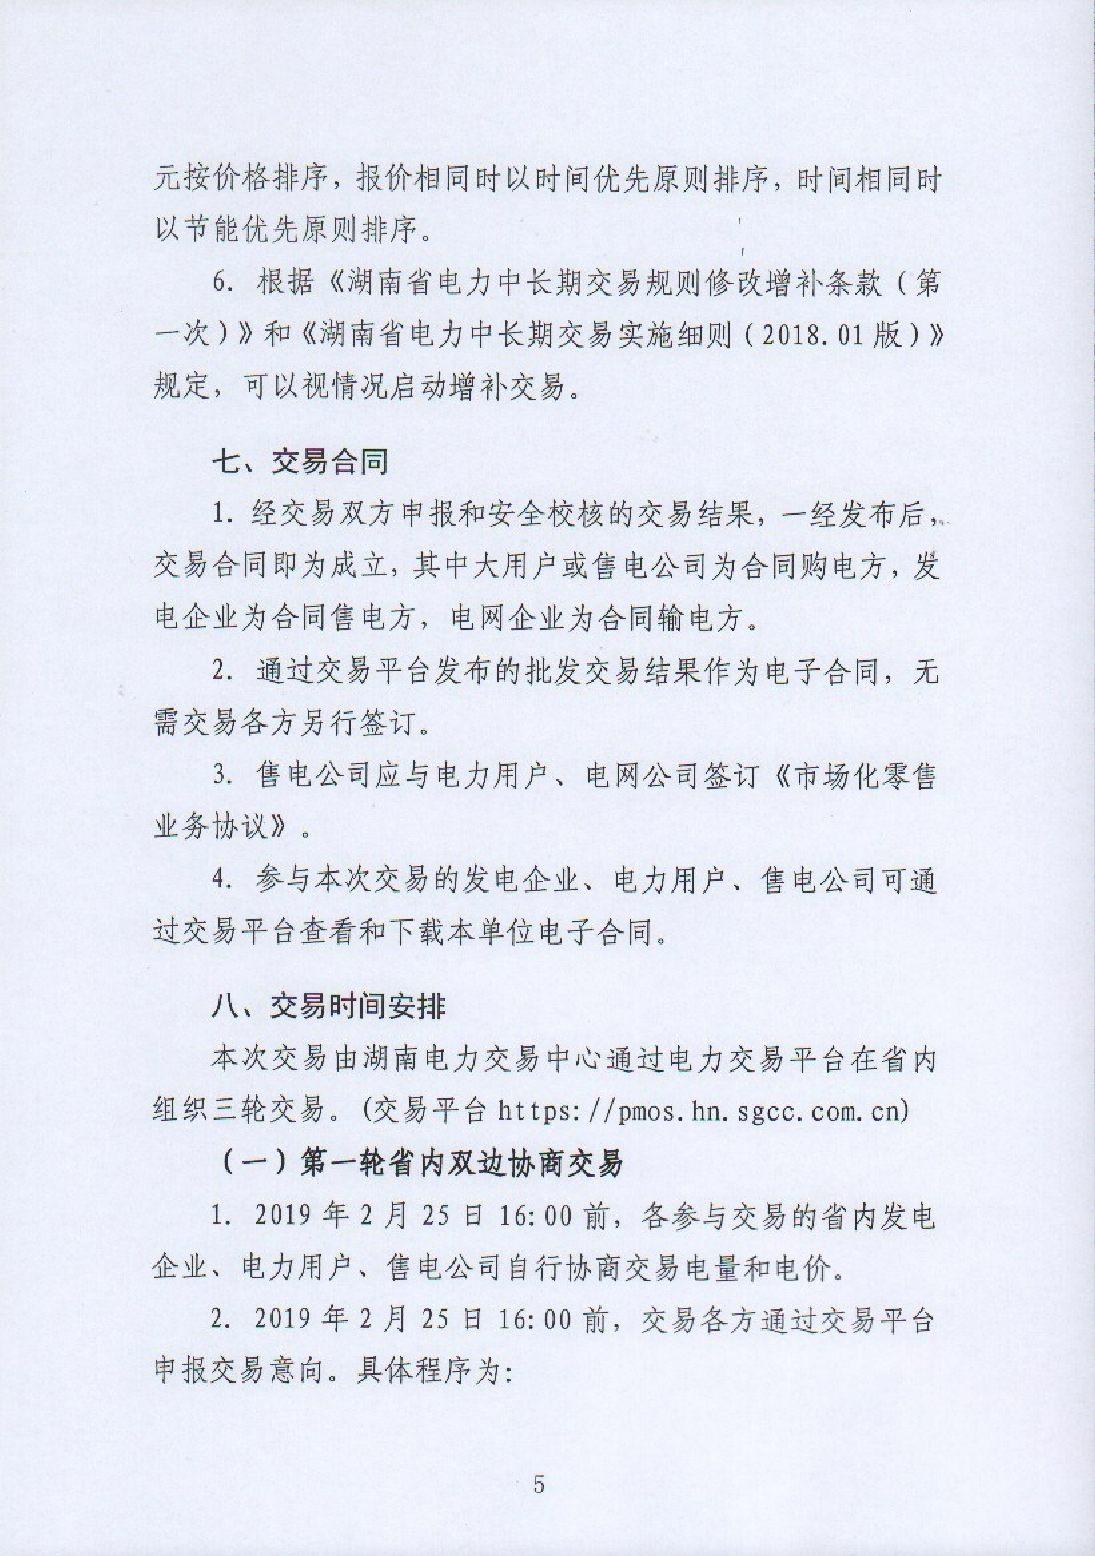 湖南電力交易中心有限公司關于2019年3月電力市場交易的公告.pdf_page_5_compressed.jpg